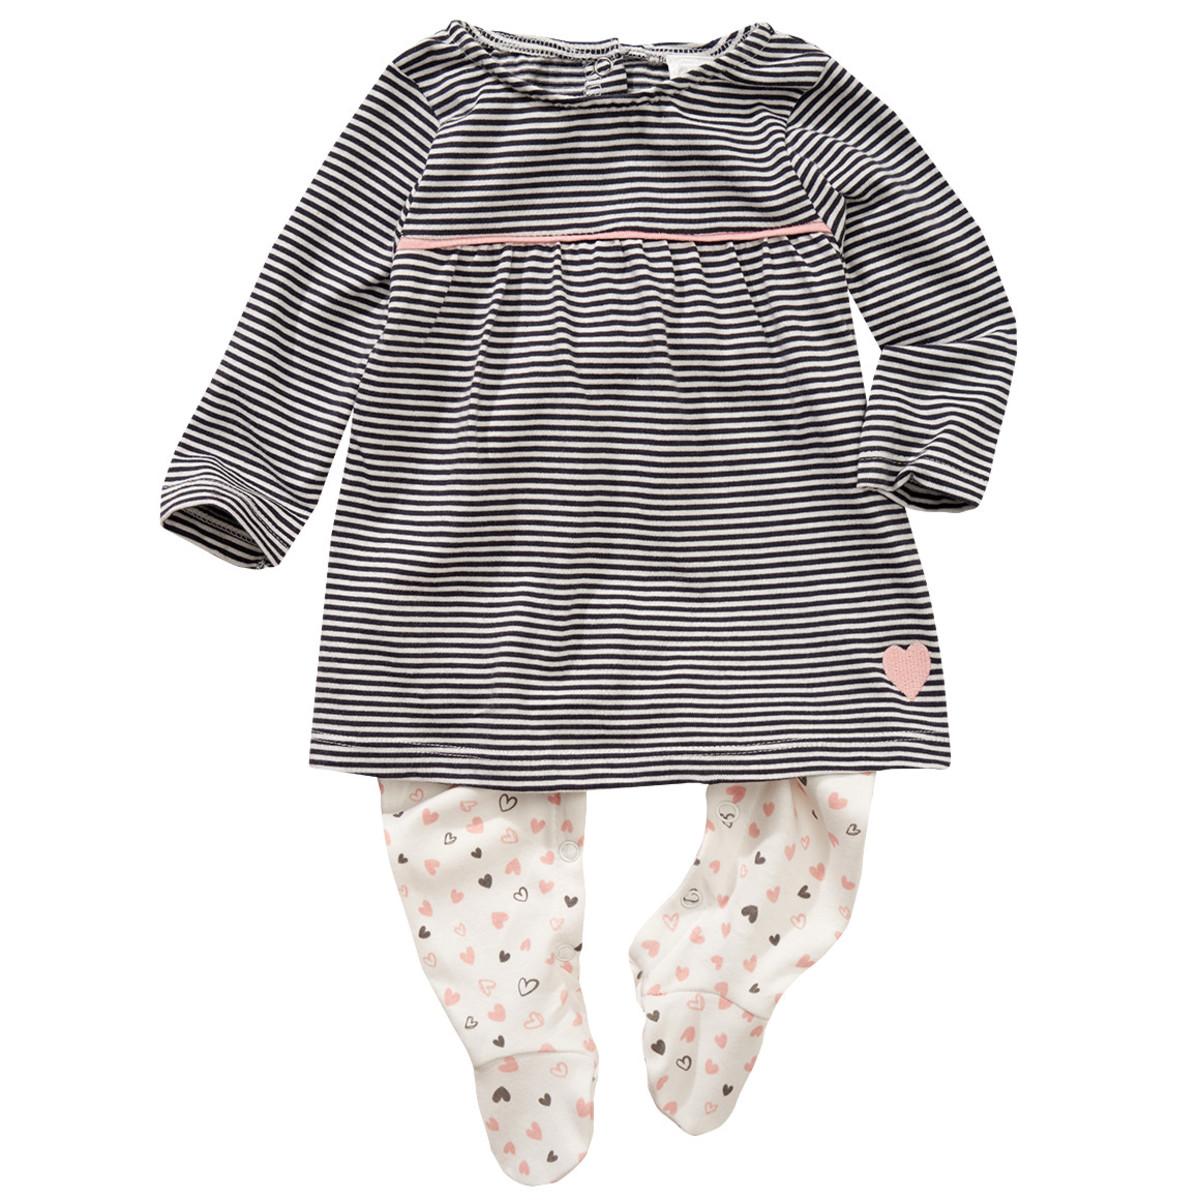 Bild 1 von Newborn Stramplerkleid mit Fuß